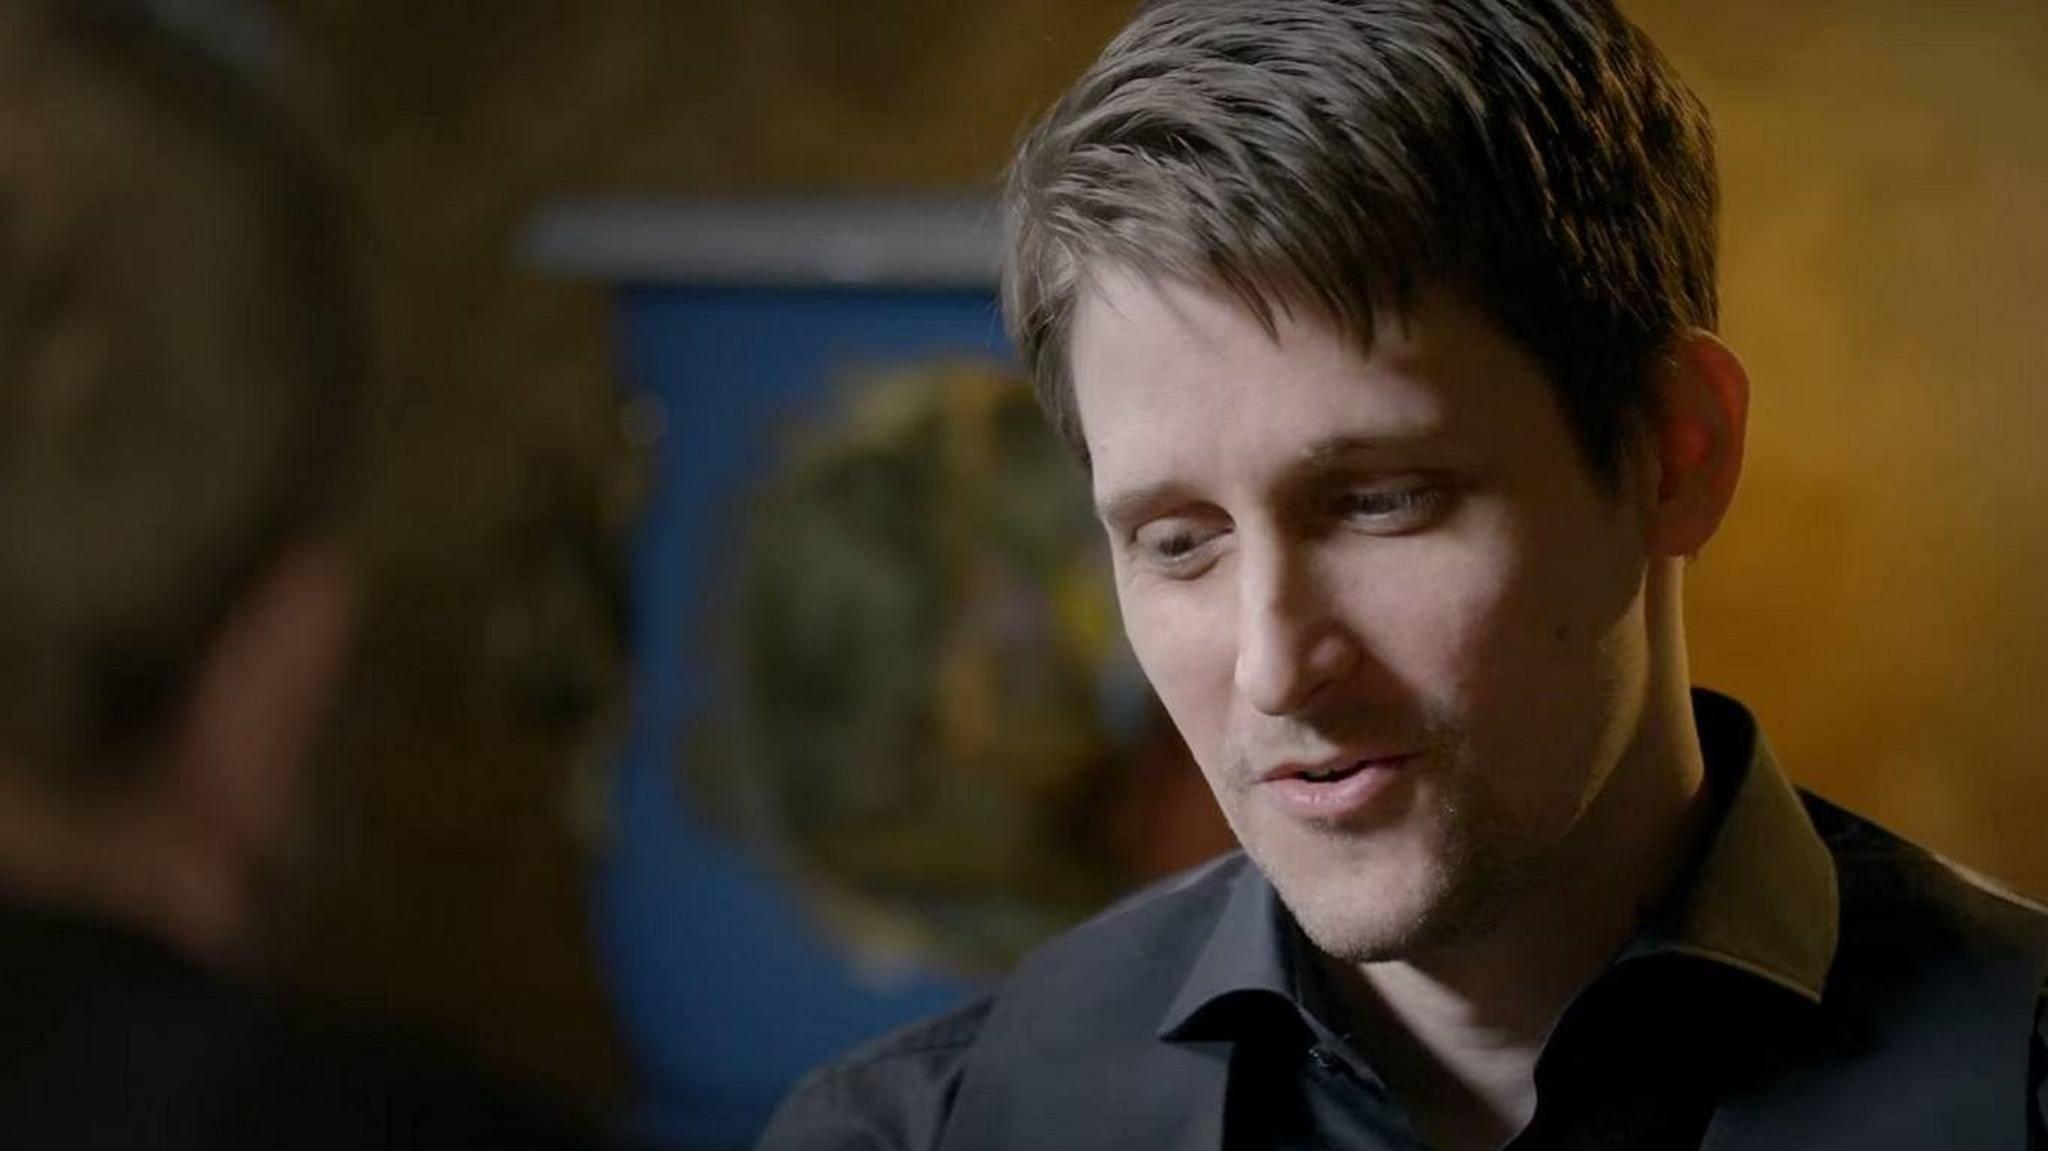 Edward Snowden wurde durch die NSA-Affäre weltweit bekannt.